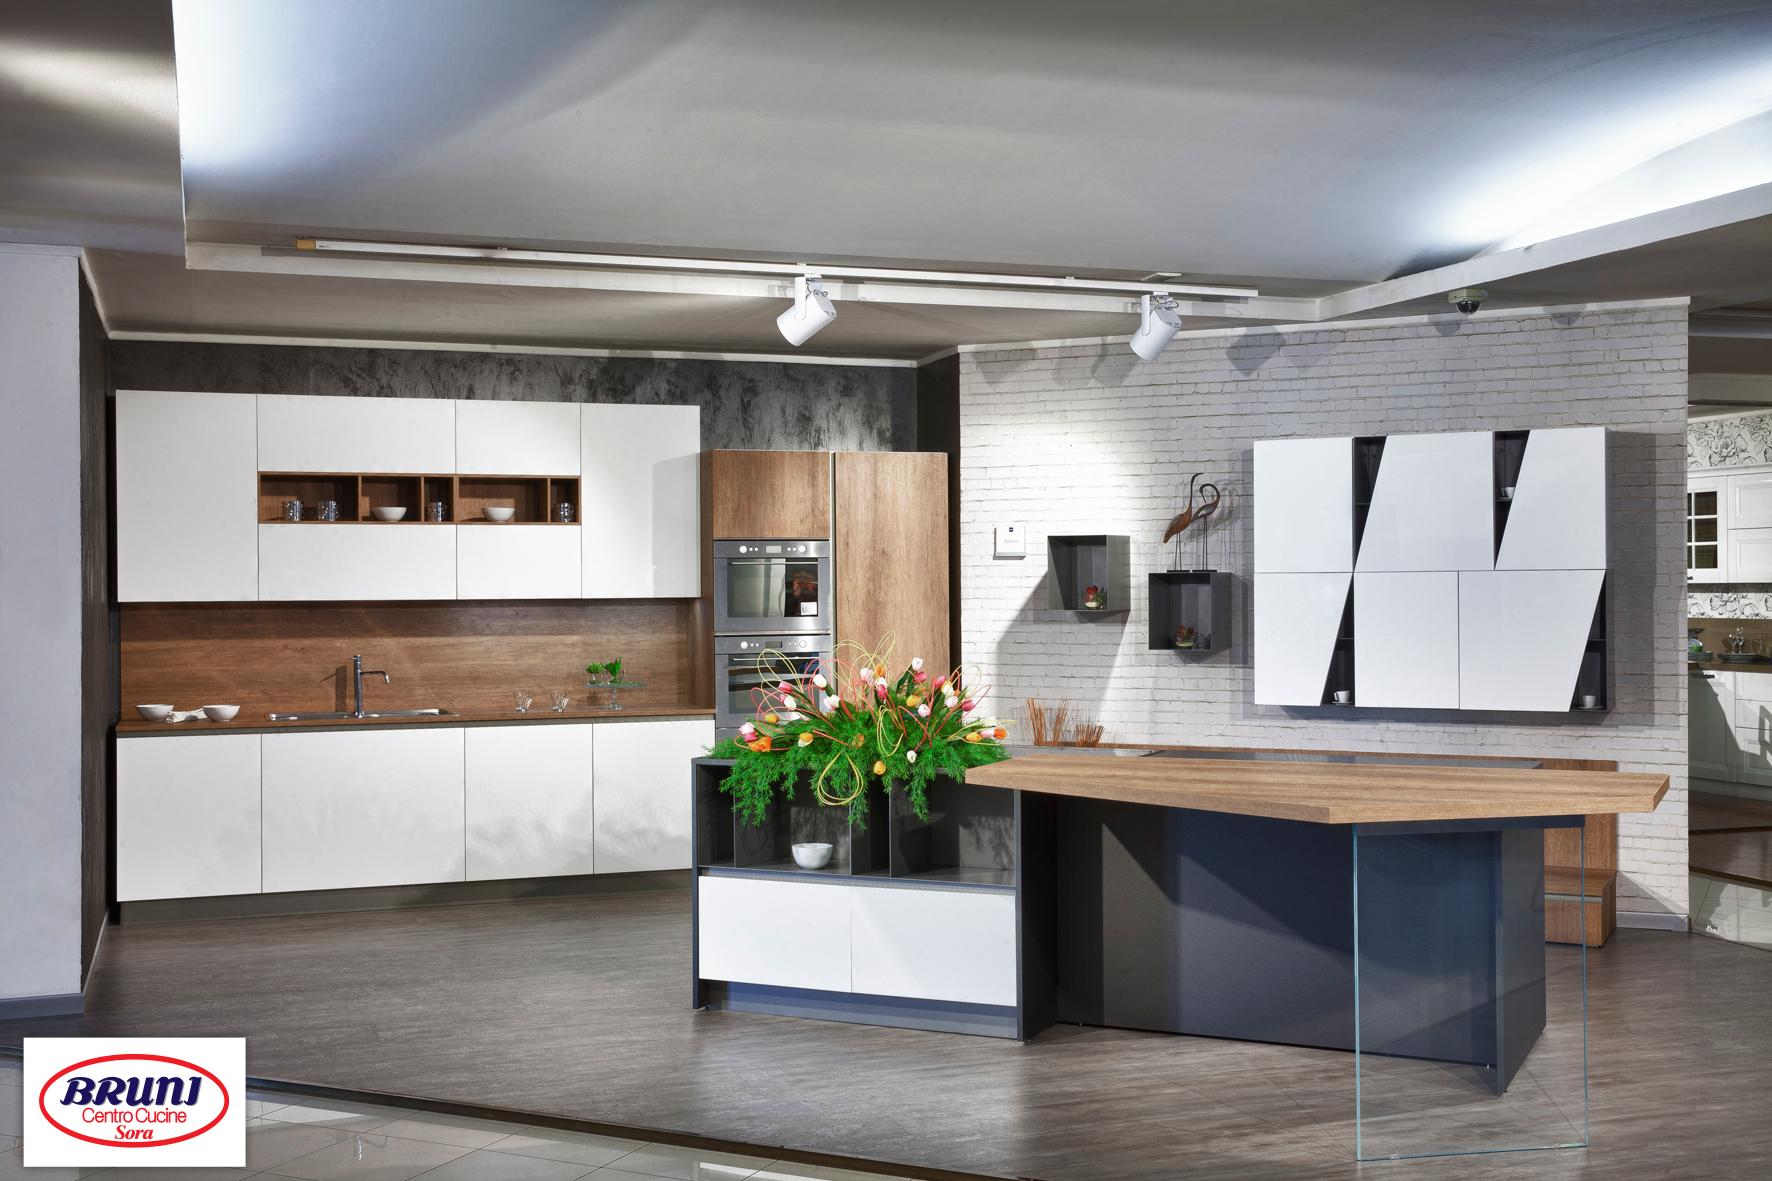 Pin Di Bruni Centro Cucine Sora Su Il Nostro Show Room Idee Per Decorare La Casa Cucine